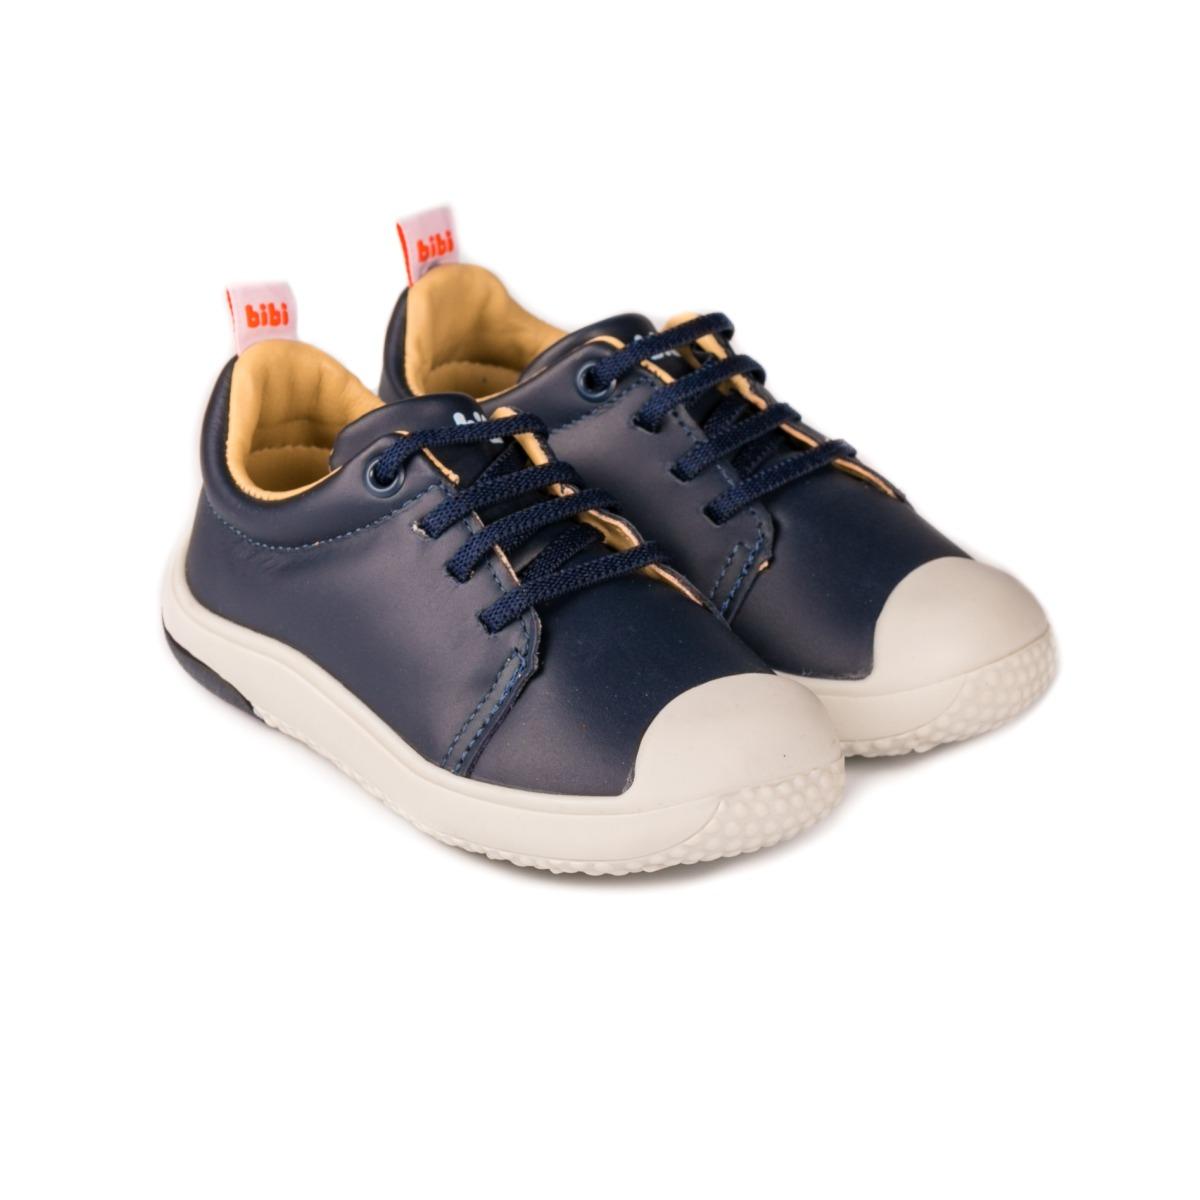 Pantofi cu siret elastic Bibi Prewalker